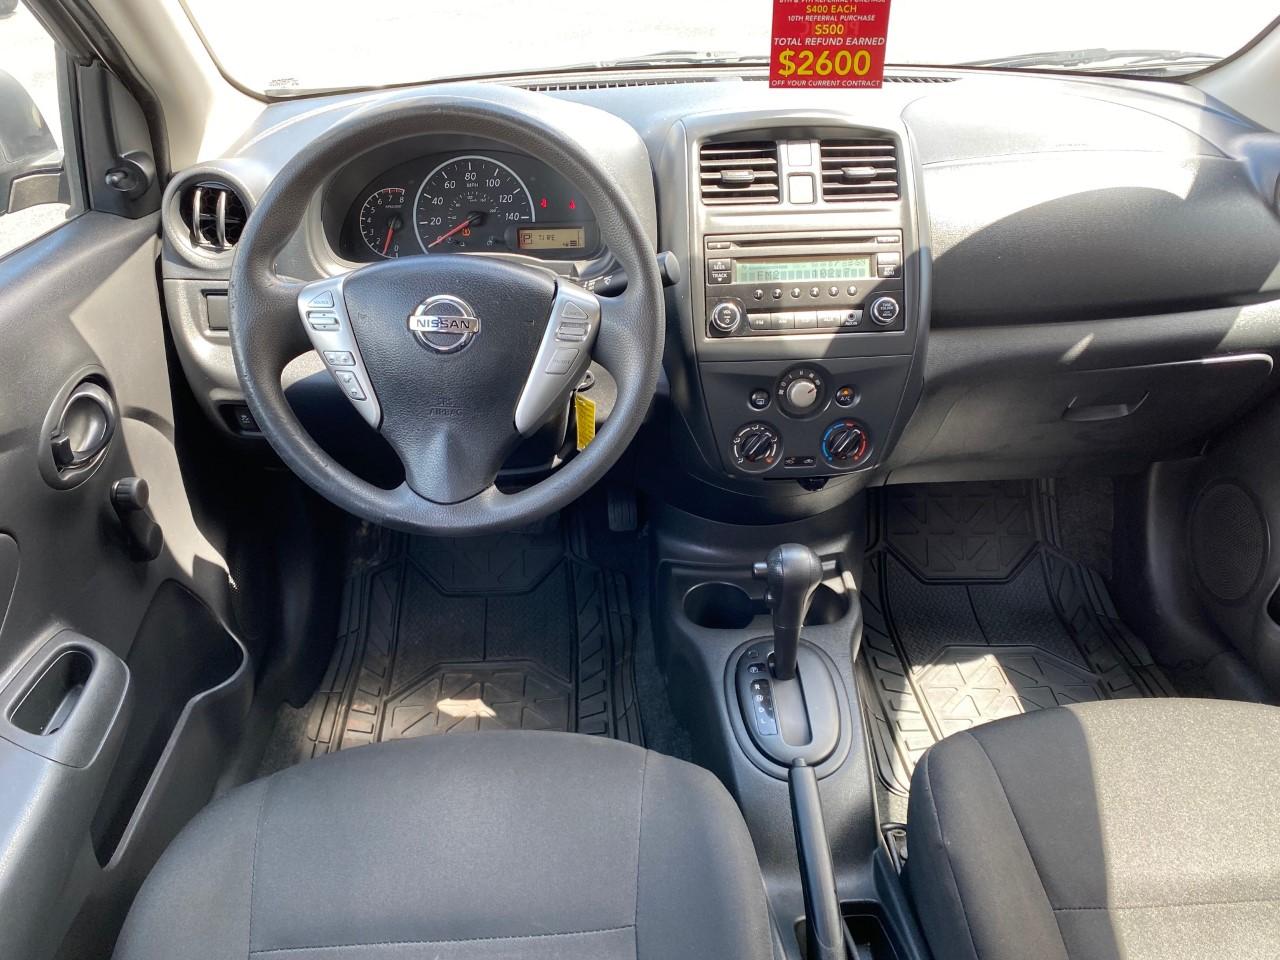 used vehicle - Sedan NISSAN VERSA 2015